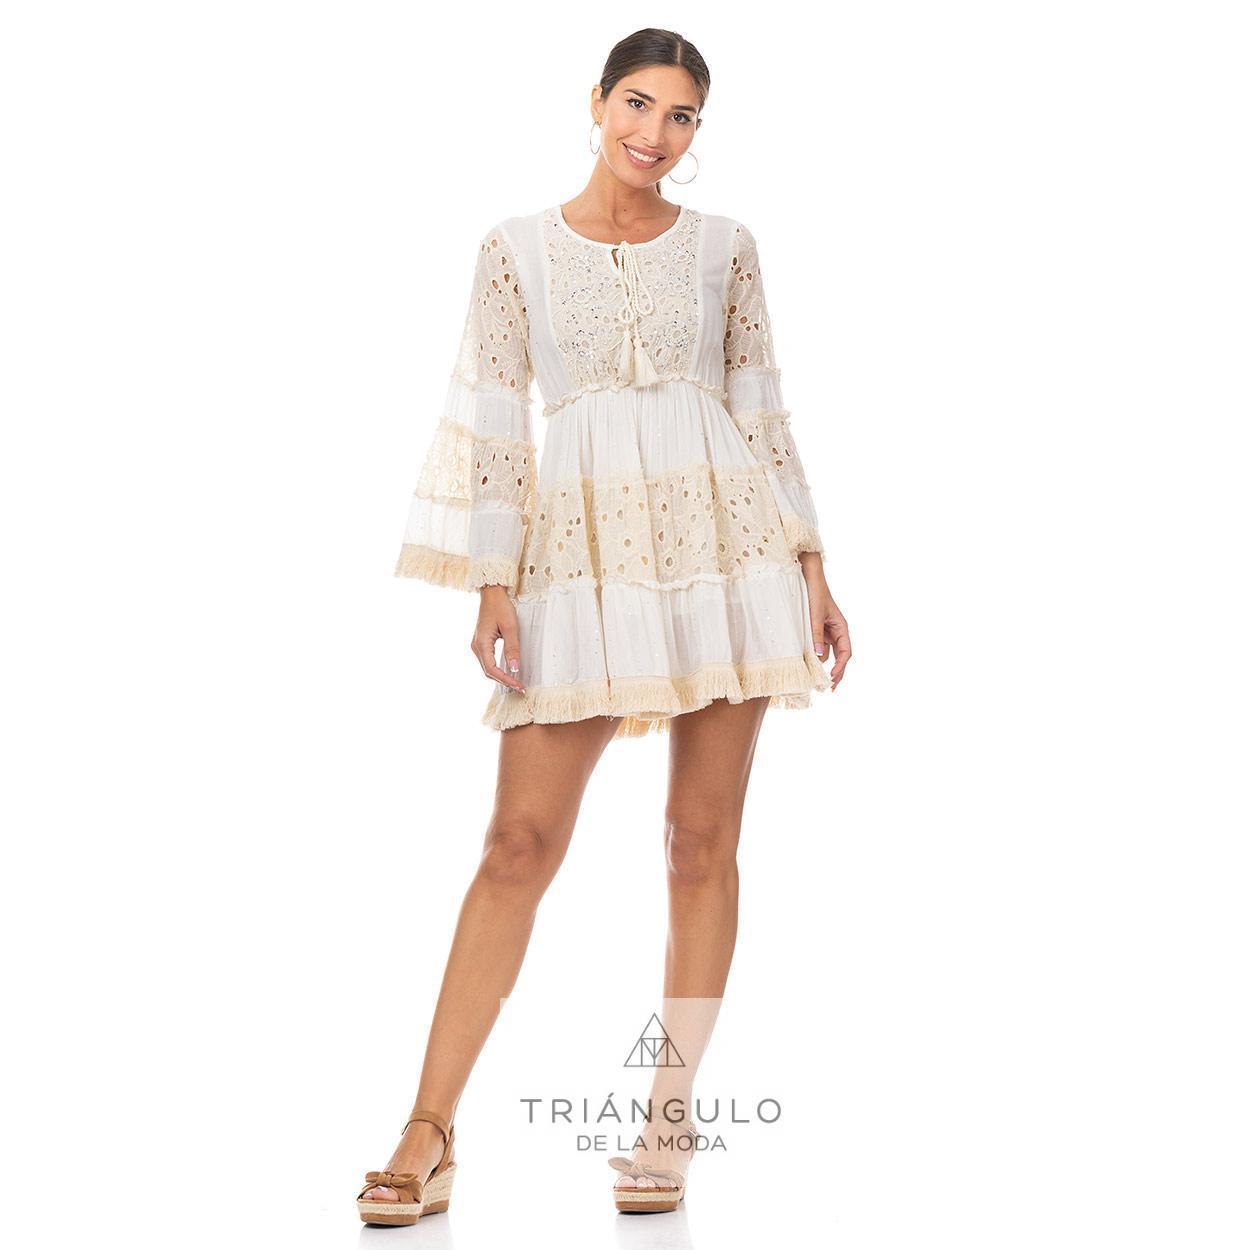 Tienda online del Triangulo de la Moda CASACA BOHO CHIC COMBI BLONDA Y FLECOS C/ABALORIOS